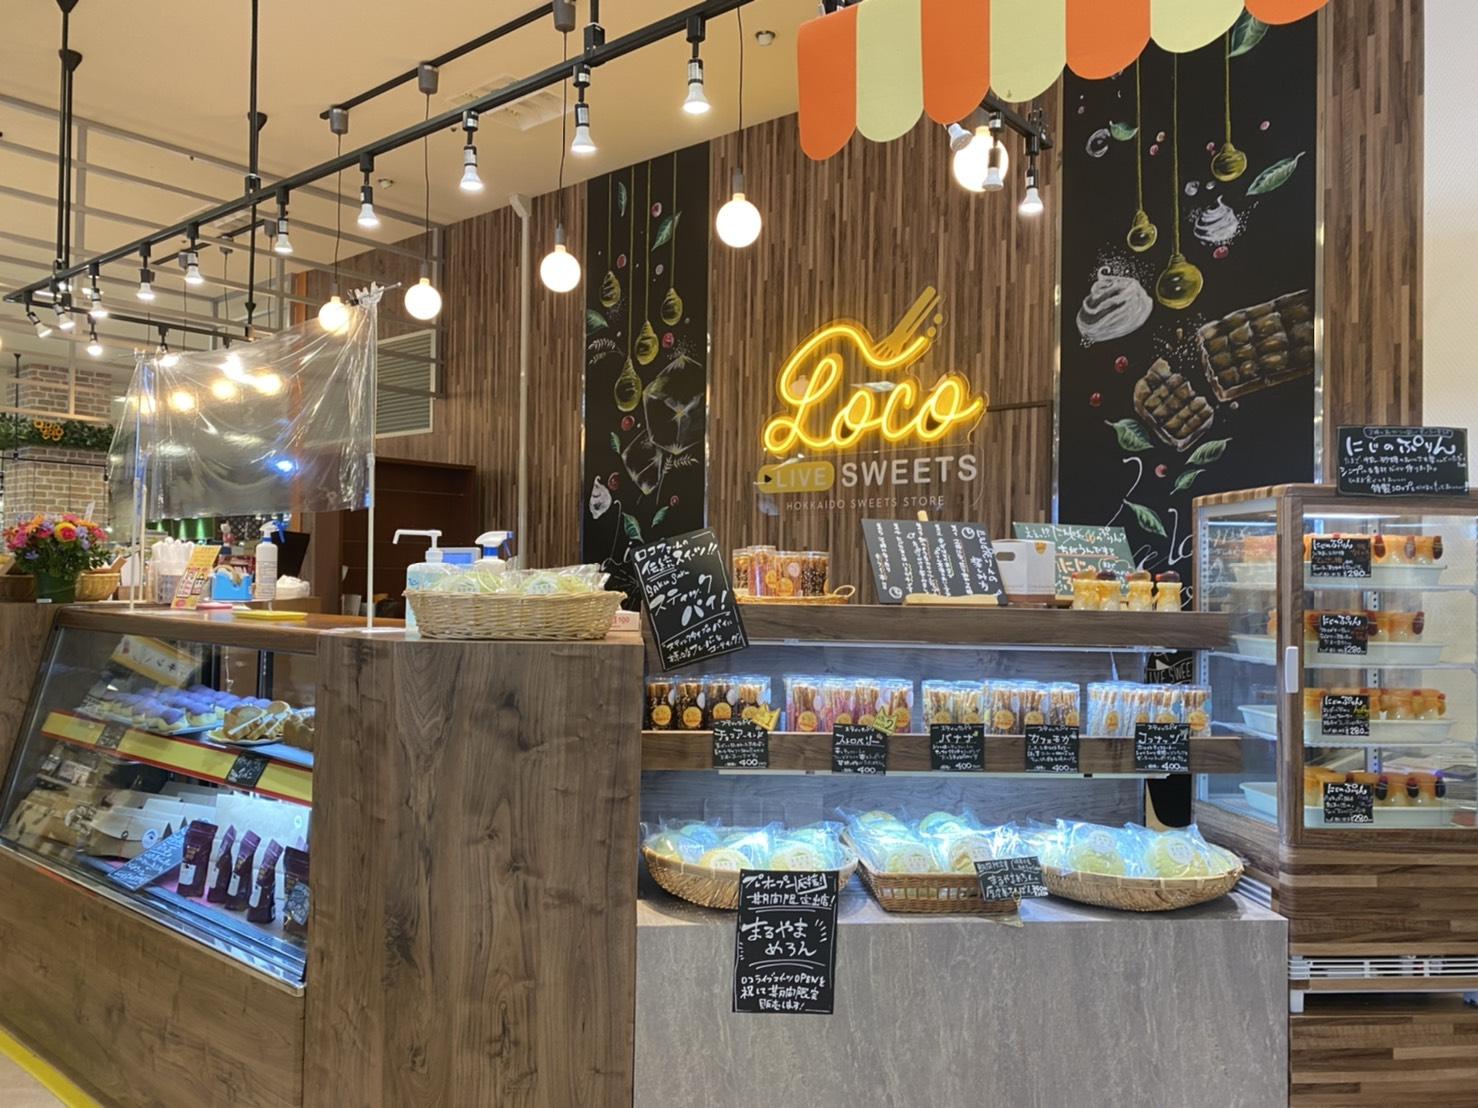 北海道食材を使った新スイーツを発信「Loco LIVE SWEETS」北広島に誕生